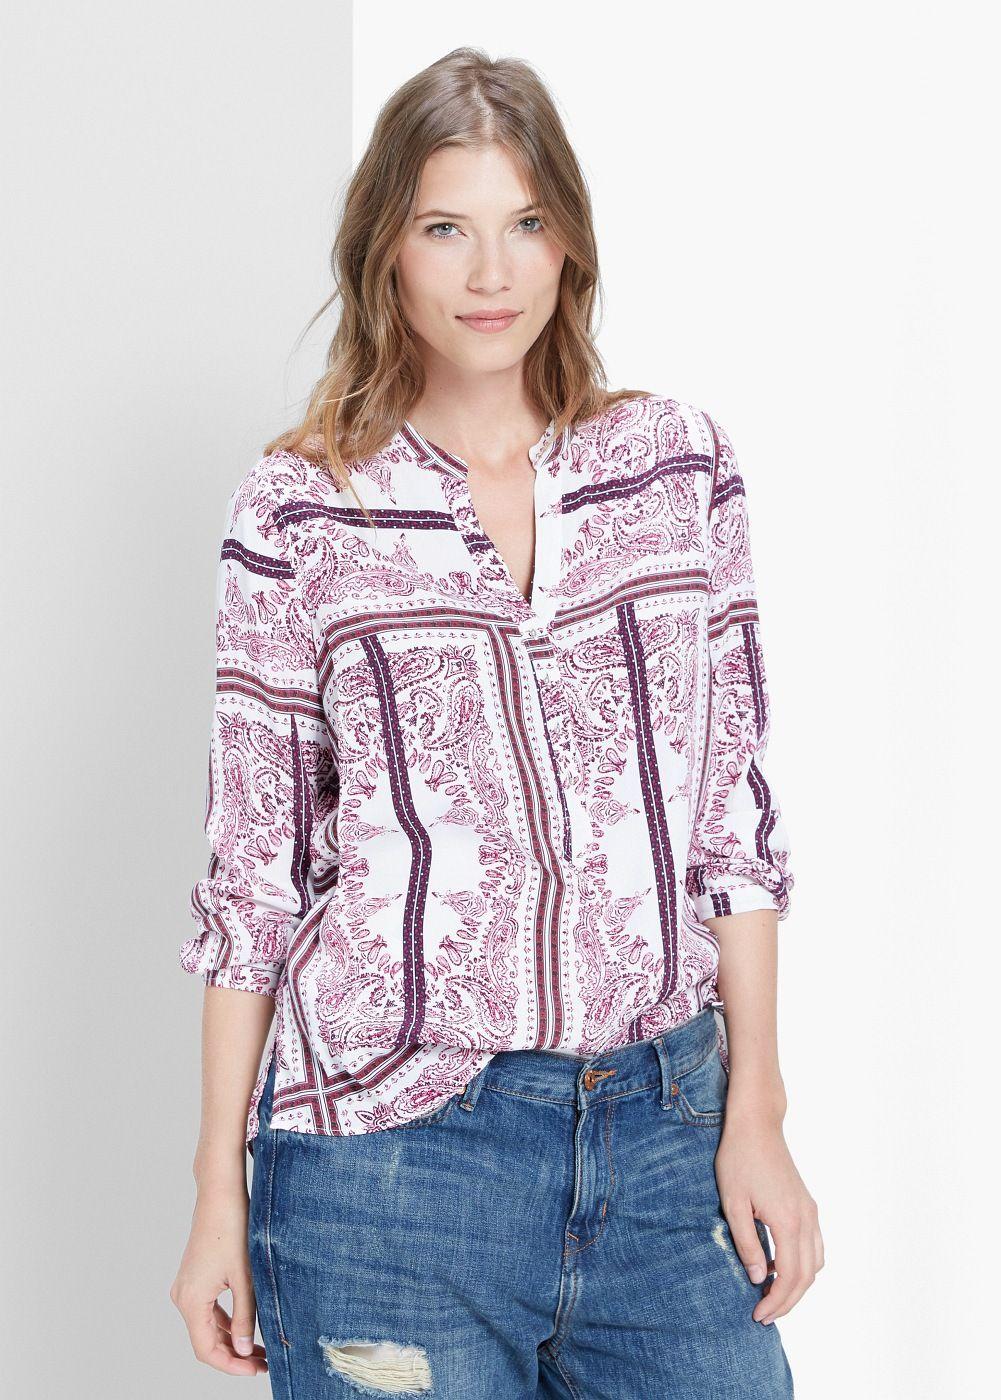 Blusa stampa paisley. La fantasia di questa camicia aiuta ad allungare il busto. This shirt's print help make yourbust longer